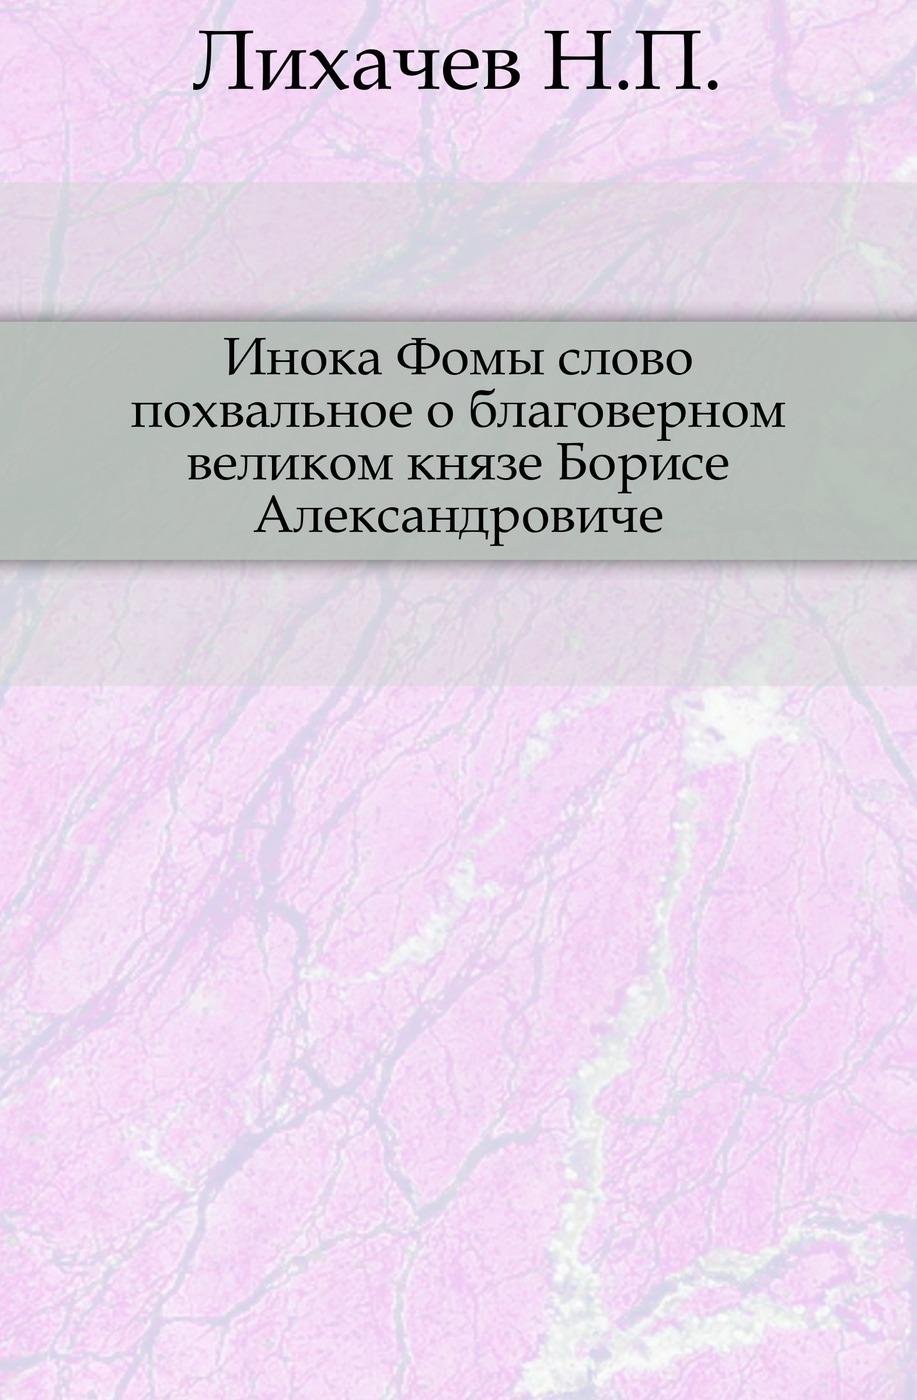 Инока Фомы слово похвальное о благоверном великом князе Борисе Александровиче